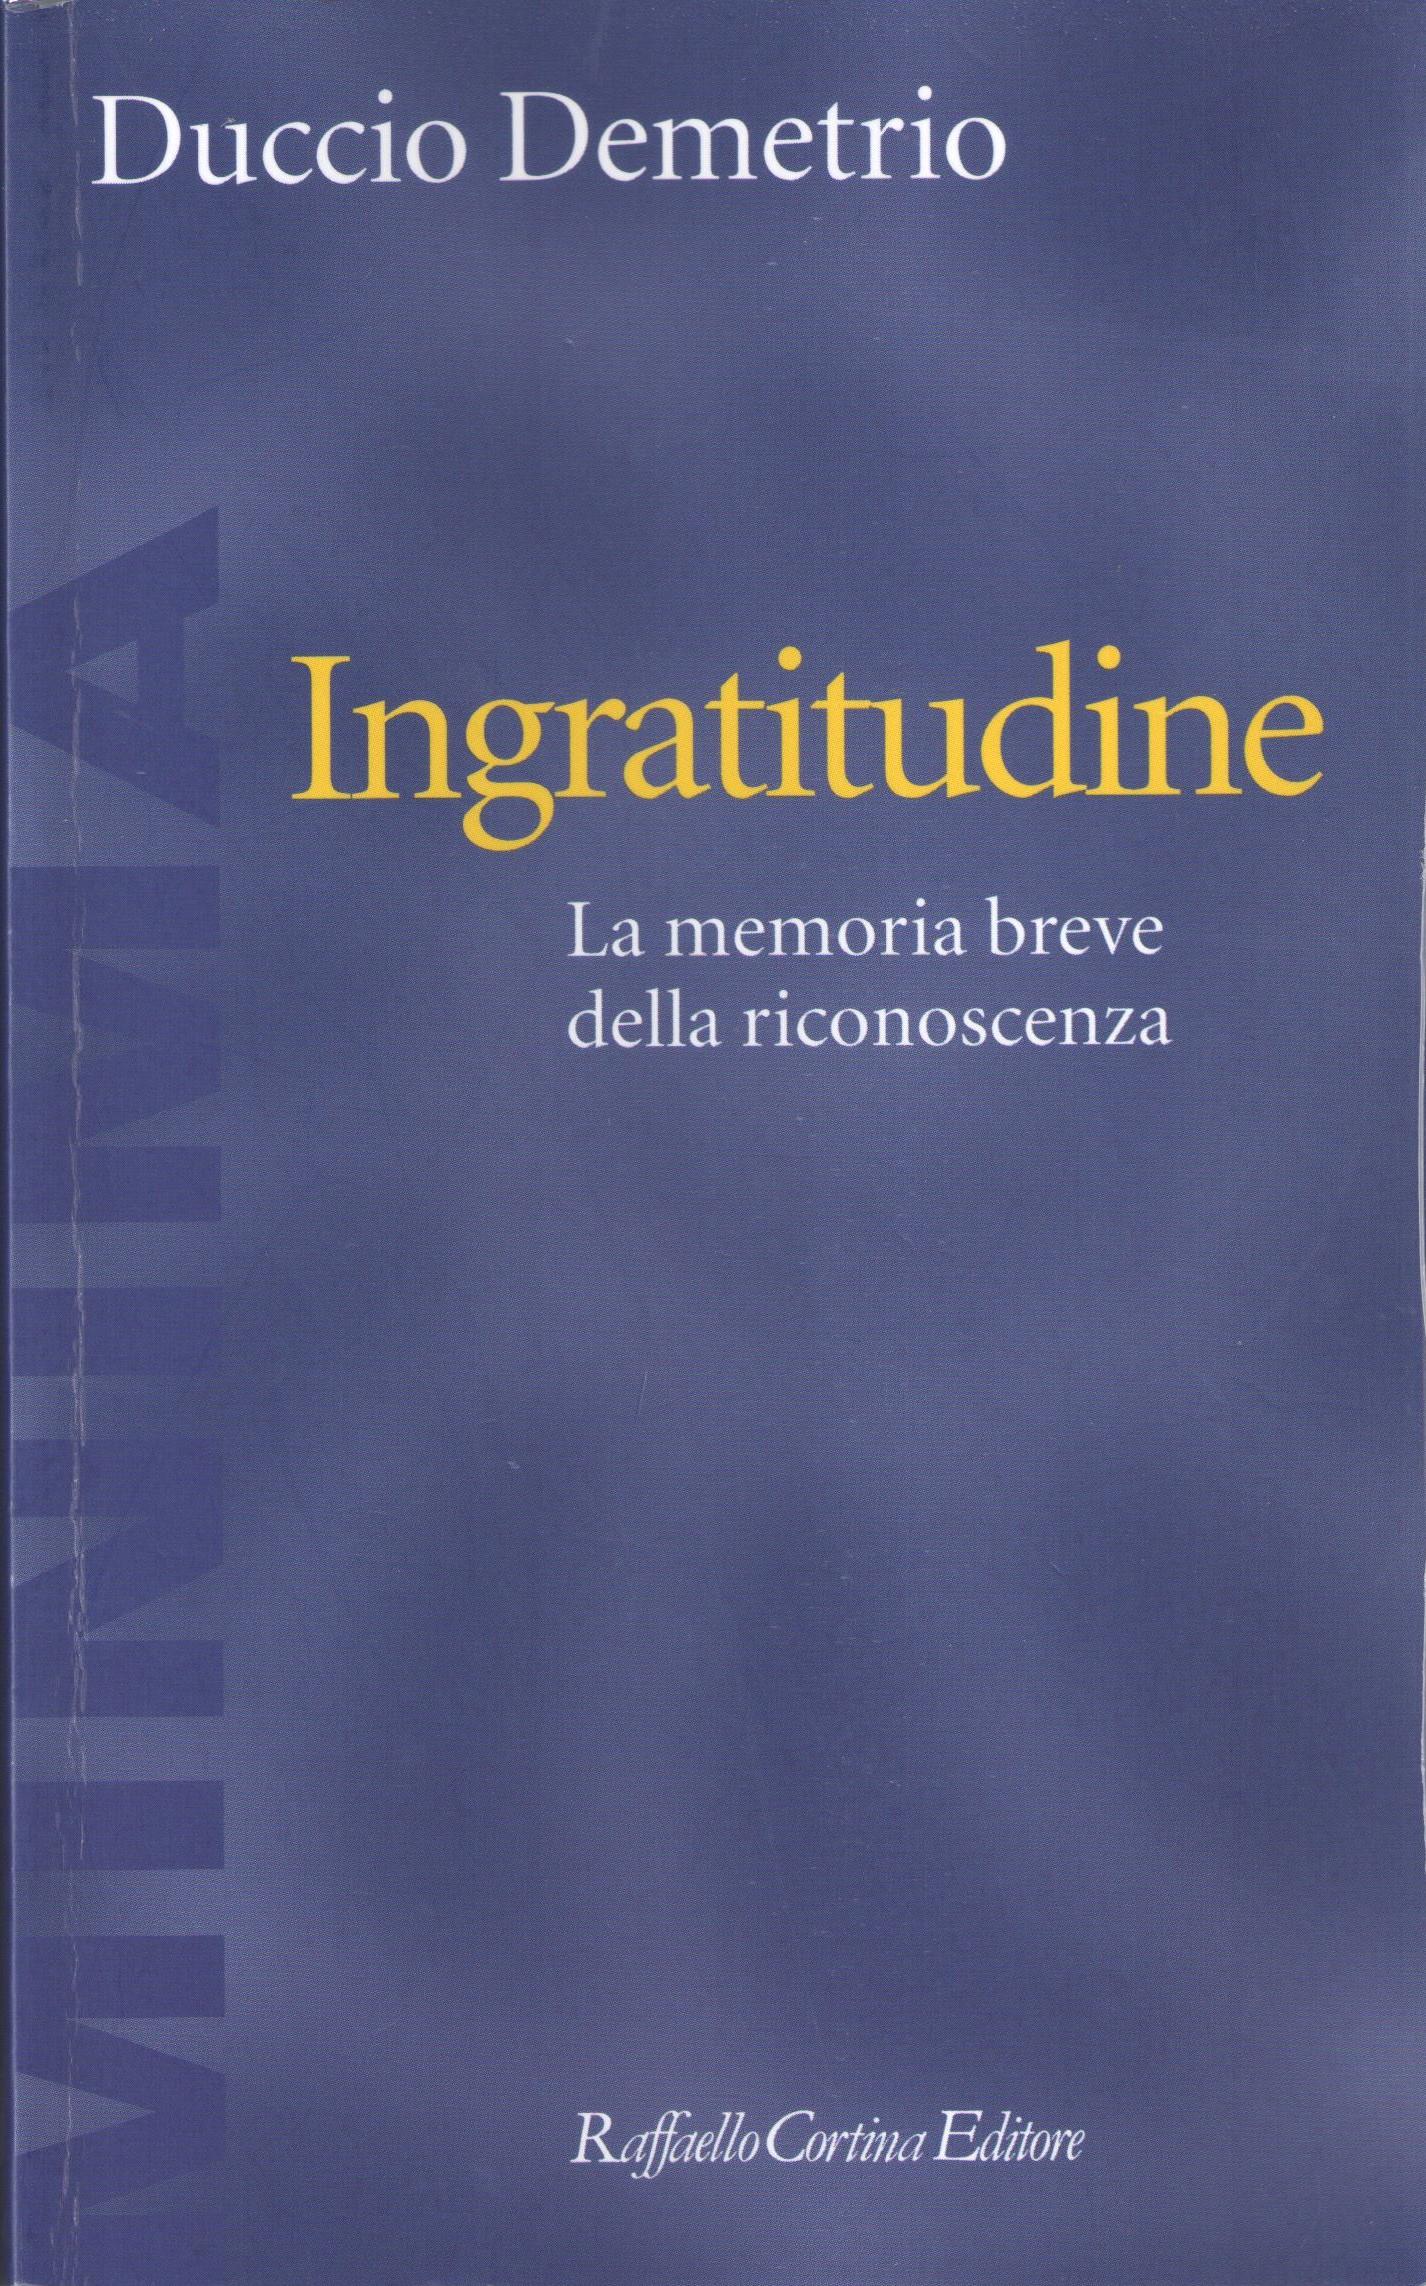 Duccio Demetrio, INGRATITUDINE, Raffaello Cortina Editore, 2016